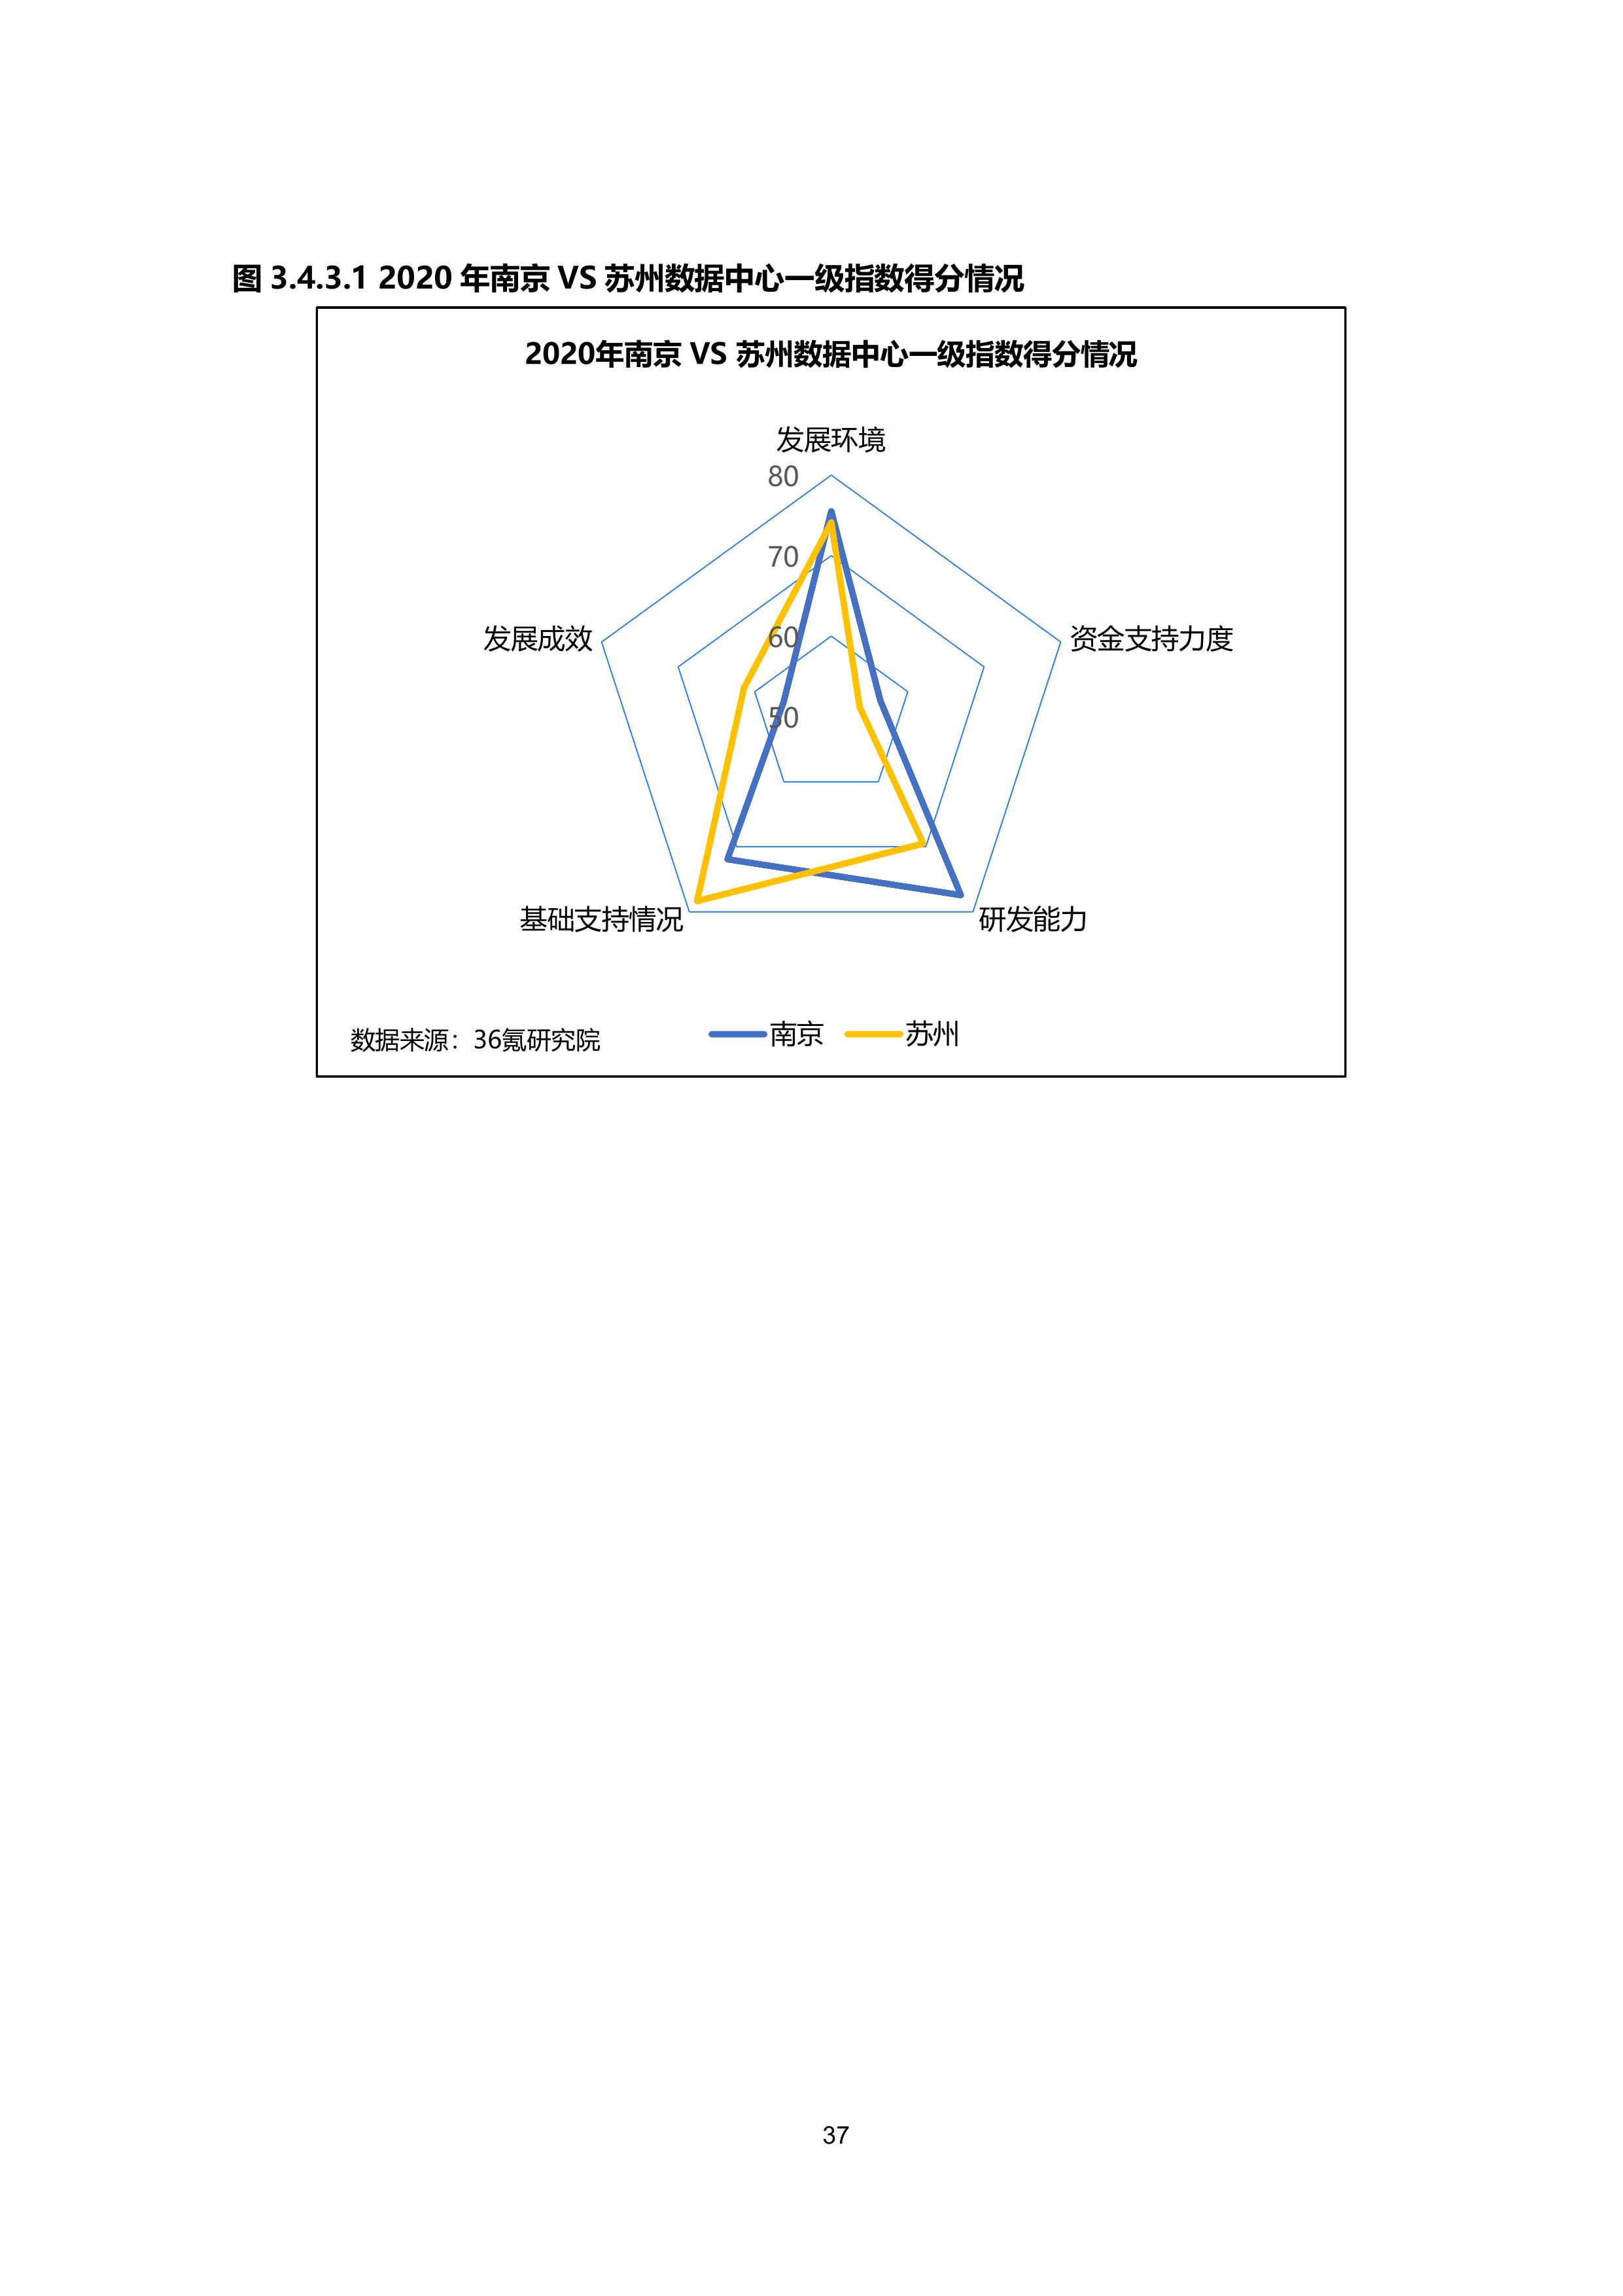 36氪研究院 - 新基建系列之:2020年中国城市数据中心发展指数报告-大菠萝官网(图48)